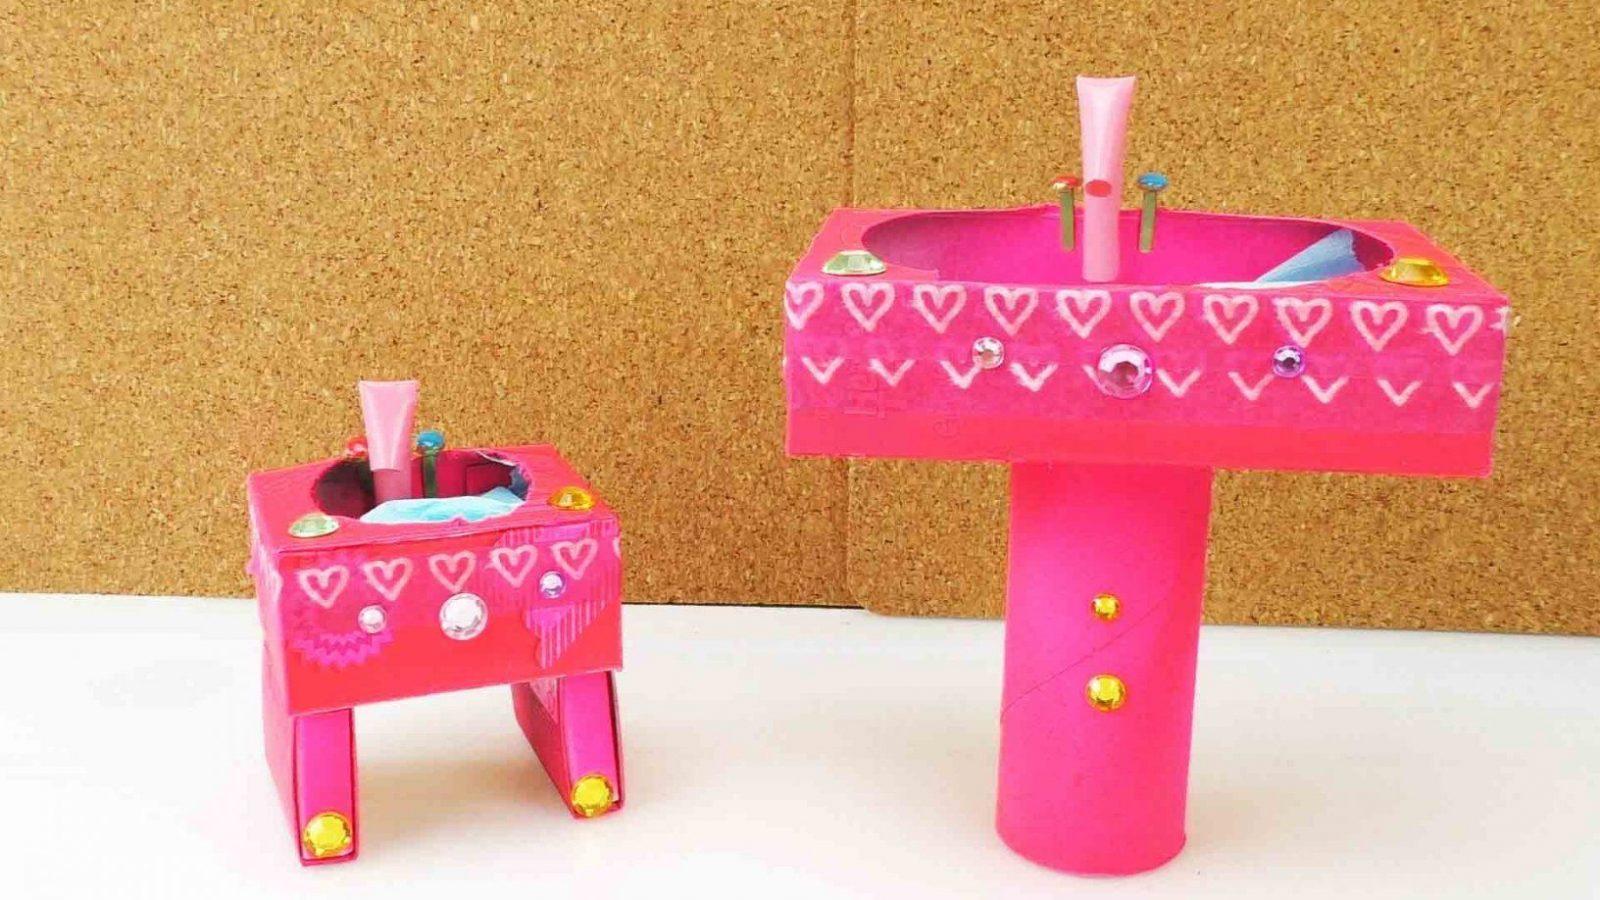 Diy Barbie  Waschbecken Selber Machen  Youtube von Barbie Bett Selber Bauen Bild